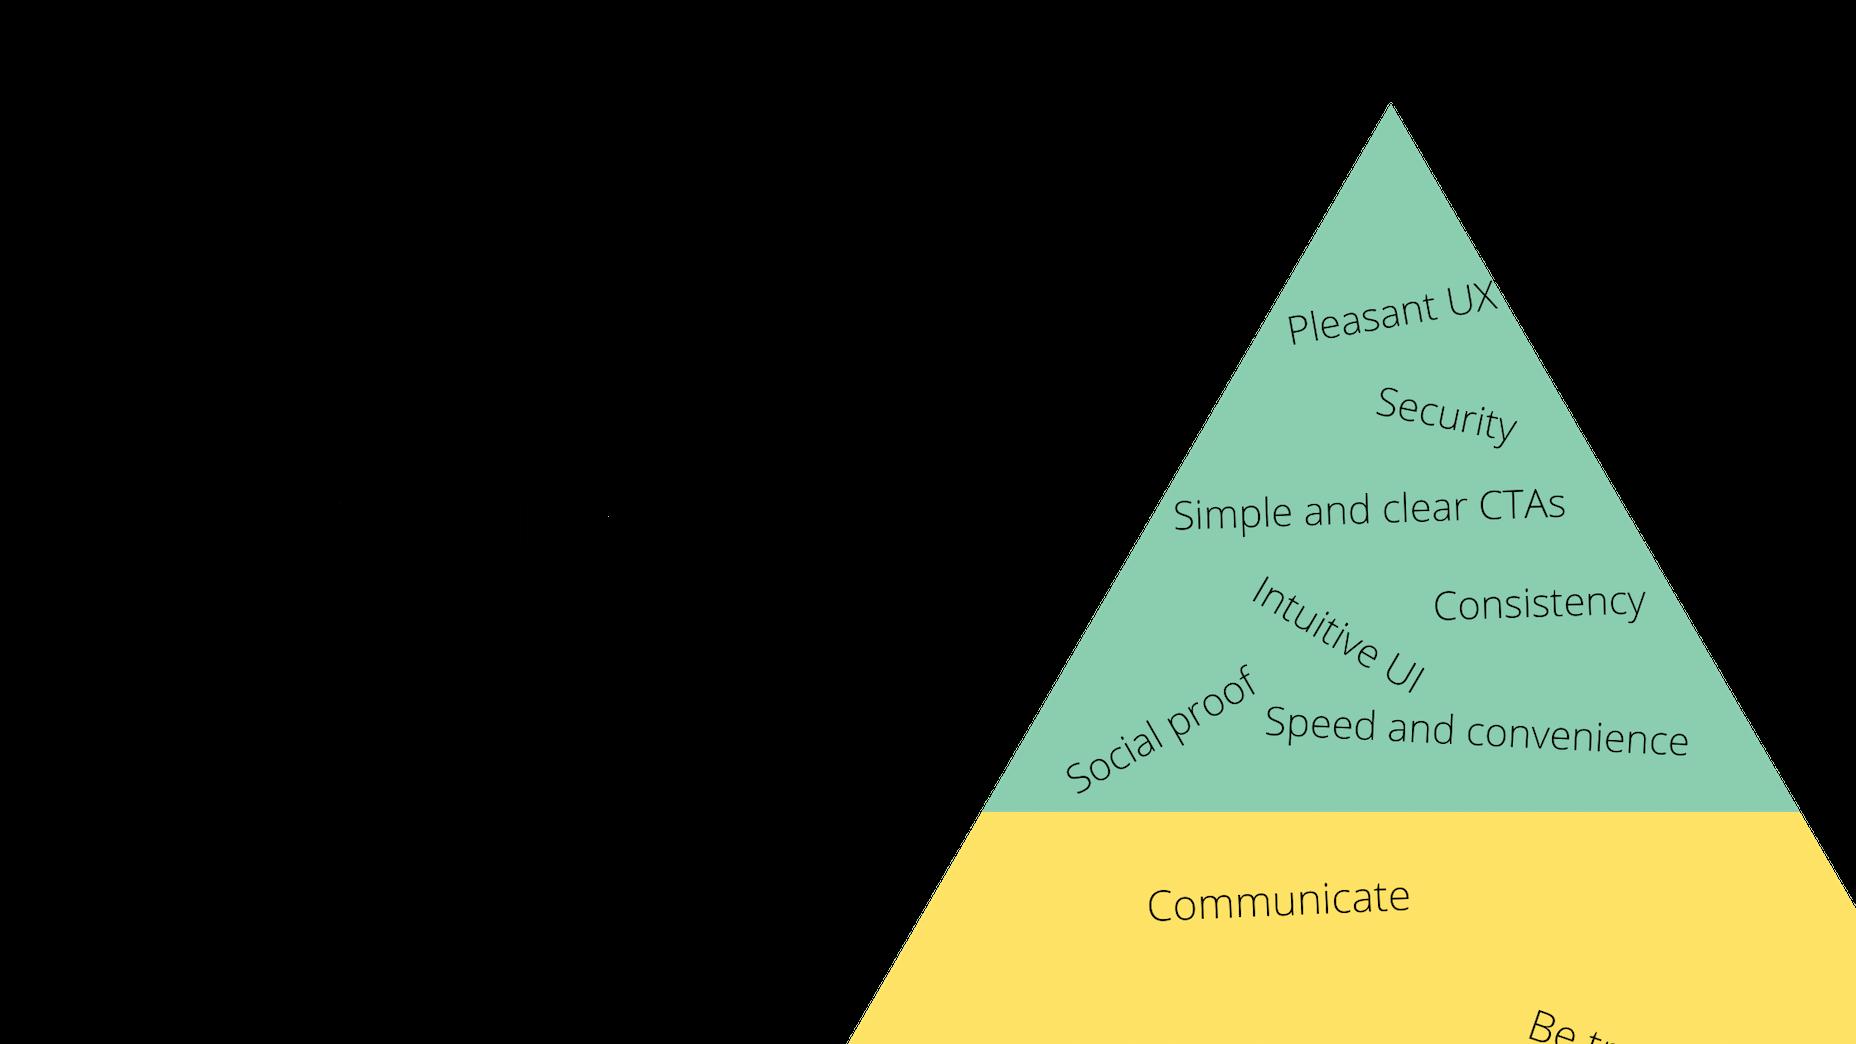 """Что делают веб-дизайнеры, работая для конечных пользователей или клиентов """"width ="""" 1856 """"height ="""" 1044 """"/> </div> <p> Это универсально применимые потребности, и их нельзя игнорировать. </p> <p> Однако после того, как вы обратились к ним, вы выполнили свои обязанности перед всеми тремя сторонами: вашим начальником, вашим клиентом и вашими конечными пользователями. И как только вы это сделаете, вы сможете стать креативным дизайнером, которым вы являетесь. </p> <p class="""